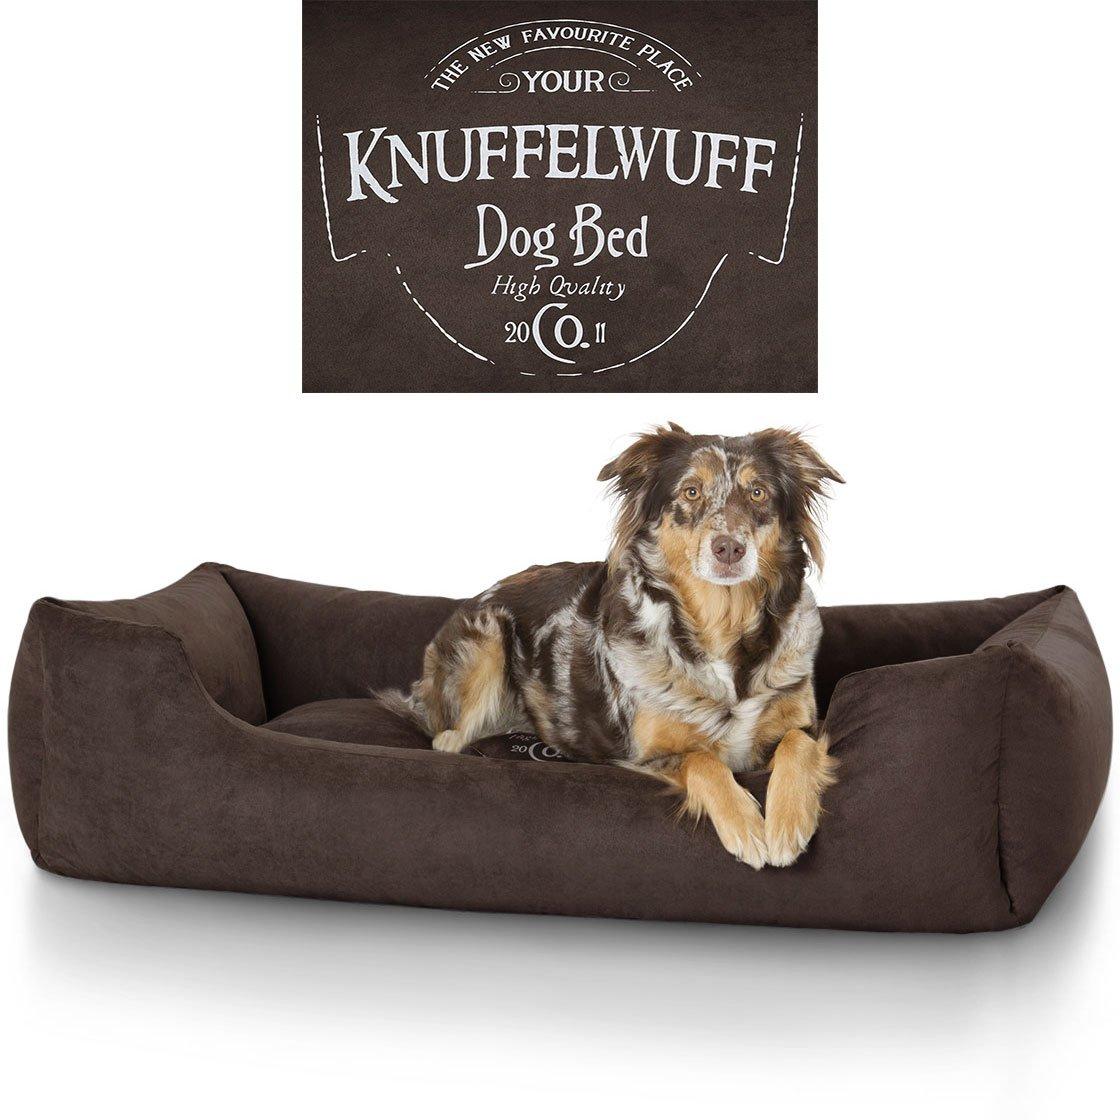 Knuffelwuff panier chien, lit pour chien, coussin, corbeille pour chien Liam, imprimé, marron XXL 120 x 85cm 13968-007